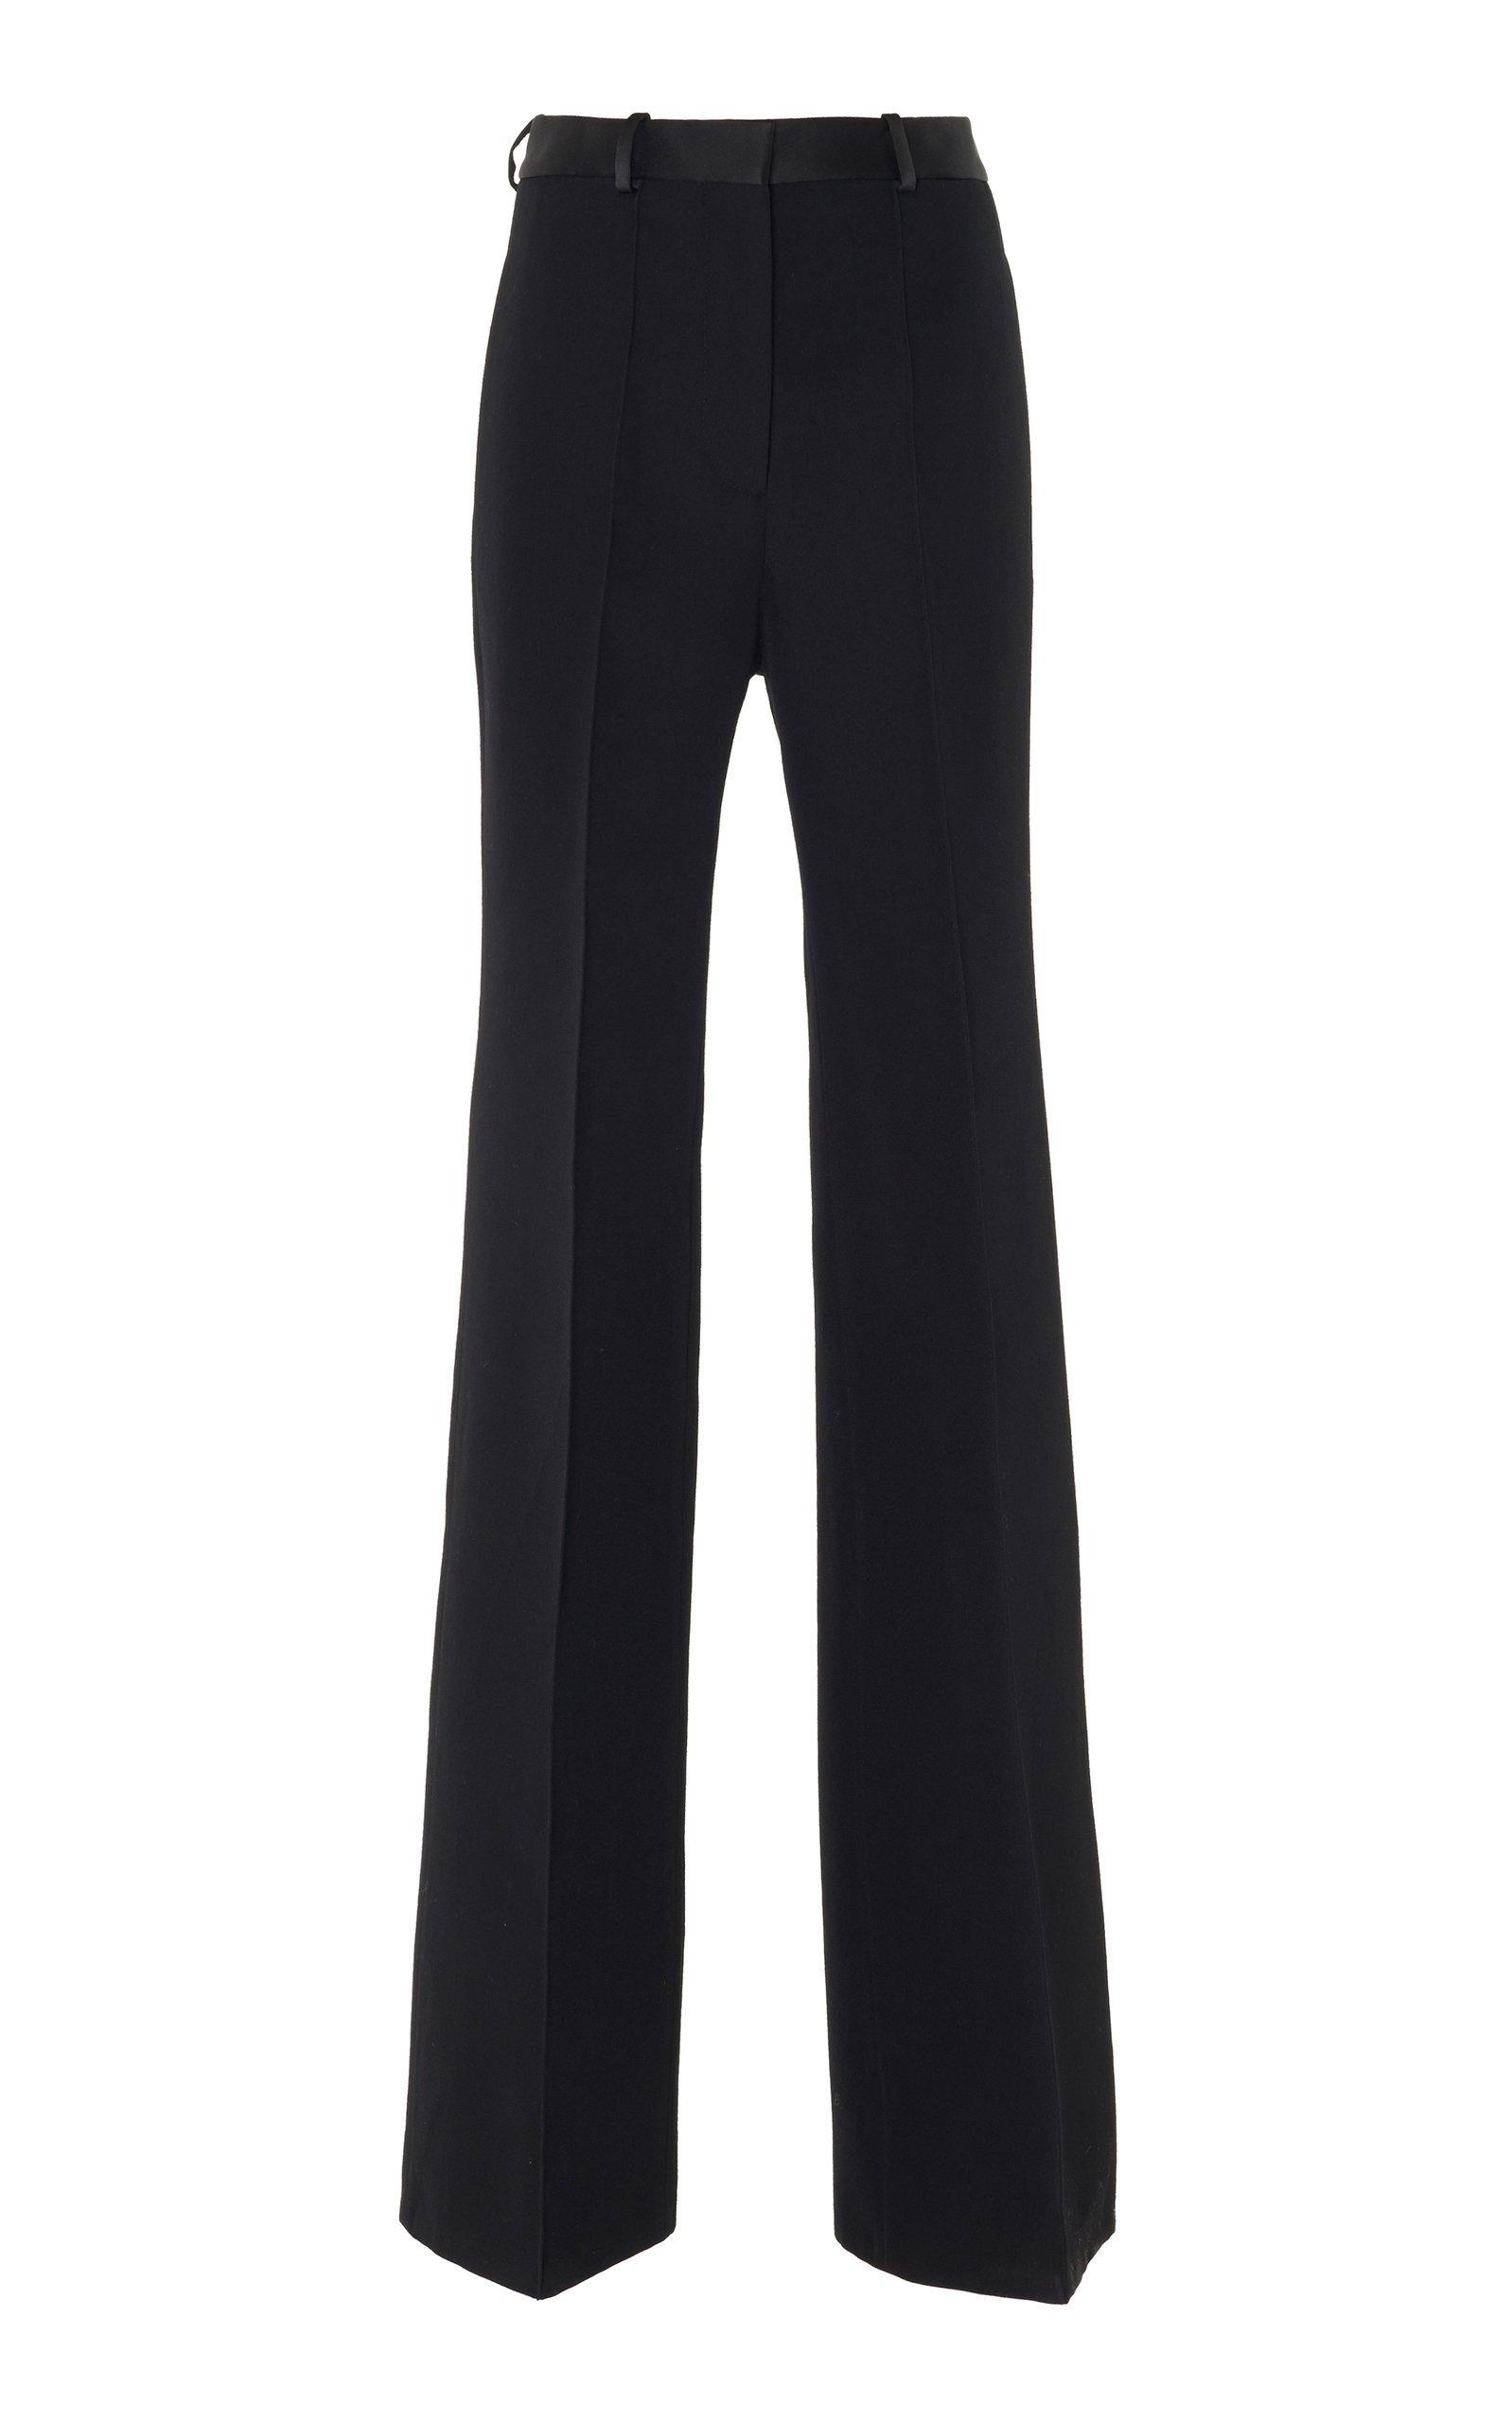 Victoria Beckham High-Waisted Wool Wide-Leg Pants Size: 10